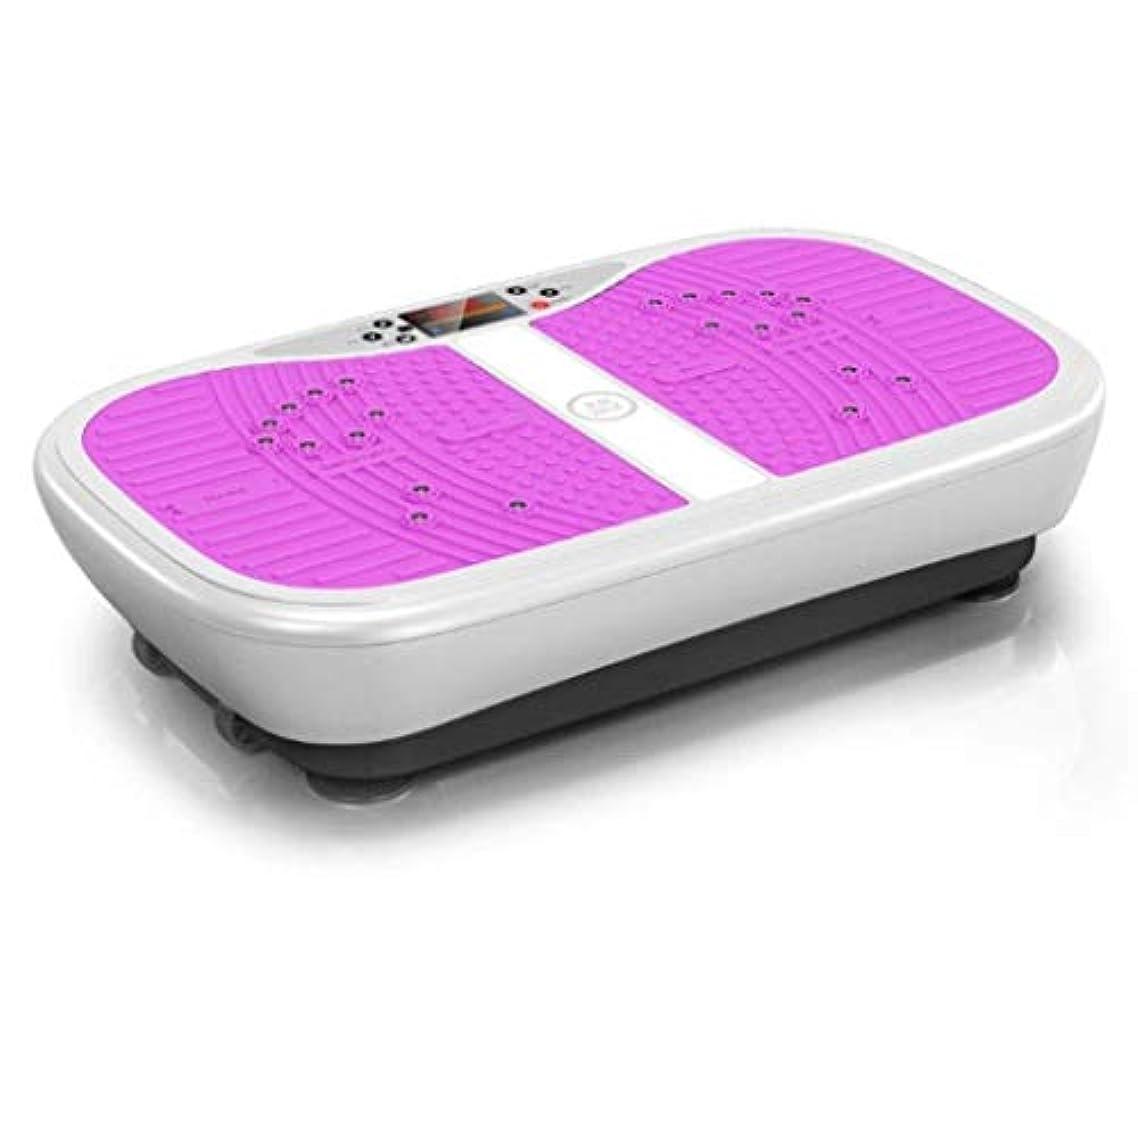 デザート静的デザート減量マシン、モーション振動シェーピングボディフィットネスマシン、99レベルの速度と抵抗バンド、家族向け、ユニセックスバイブレーショントレーナー (Color : 紫の)